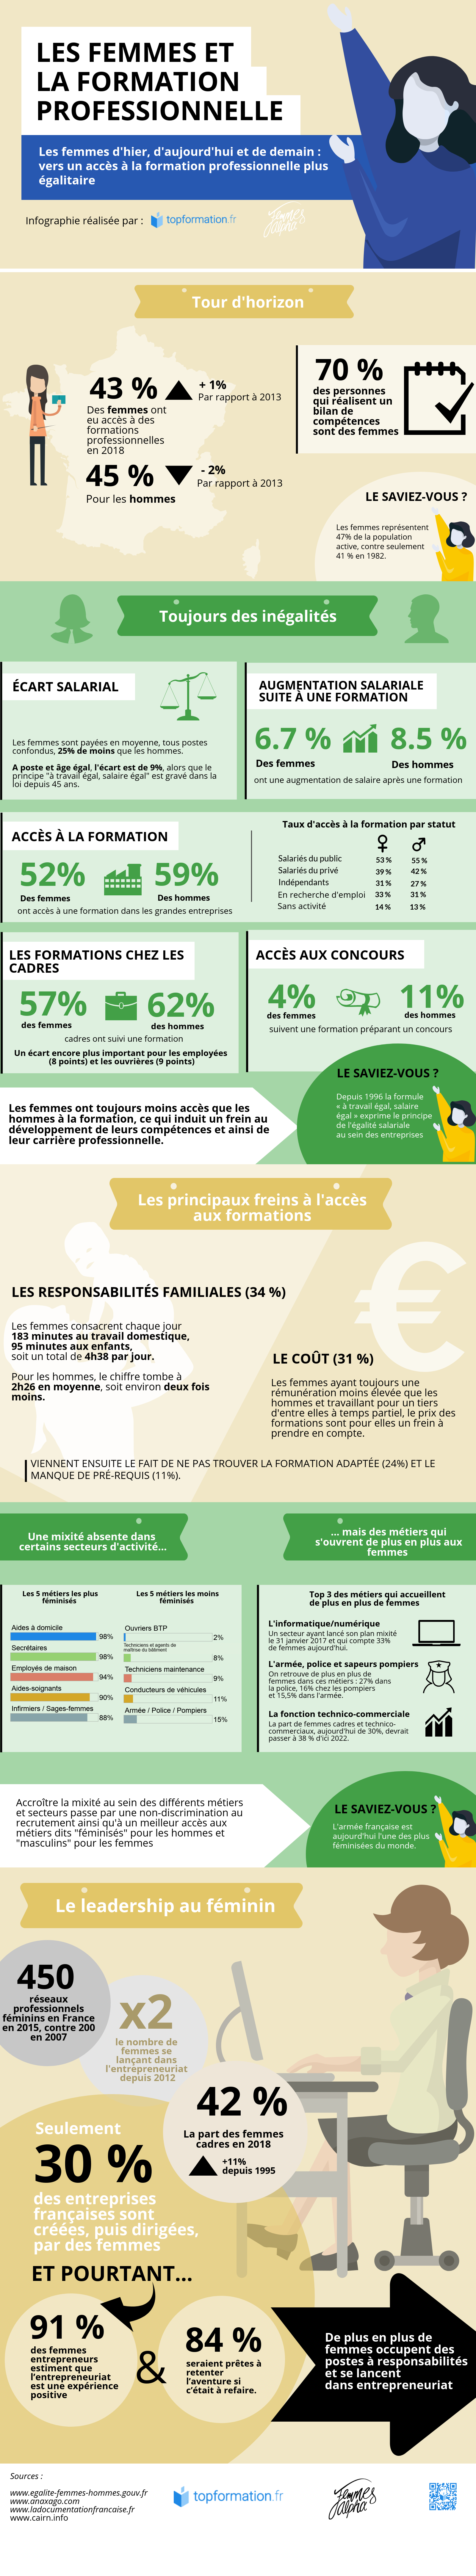 Infographie-Femme-et-formation-professionnelle-FemmesAlpha.png